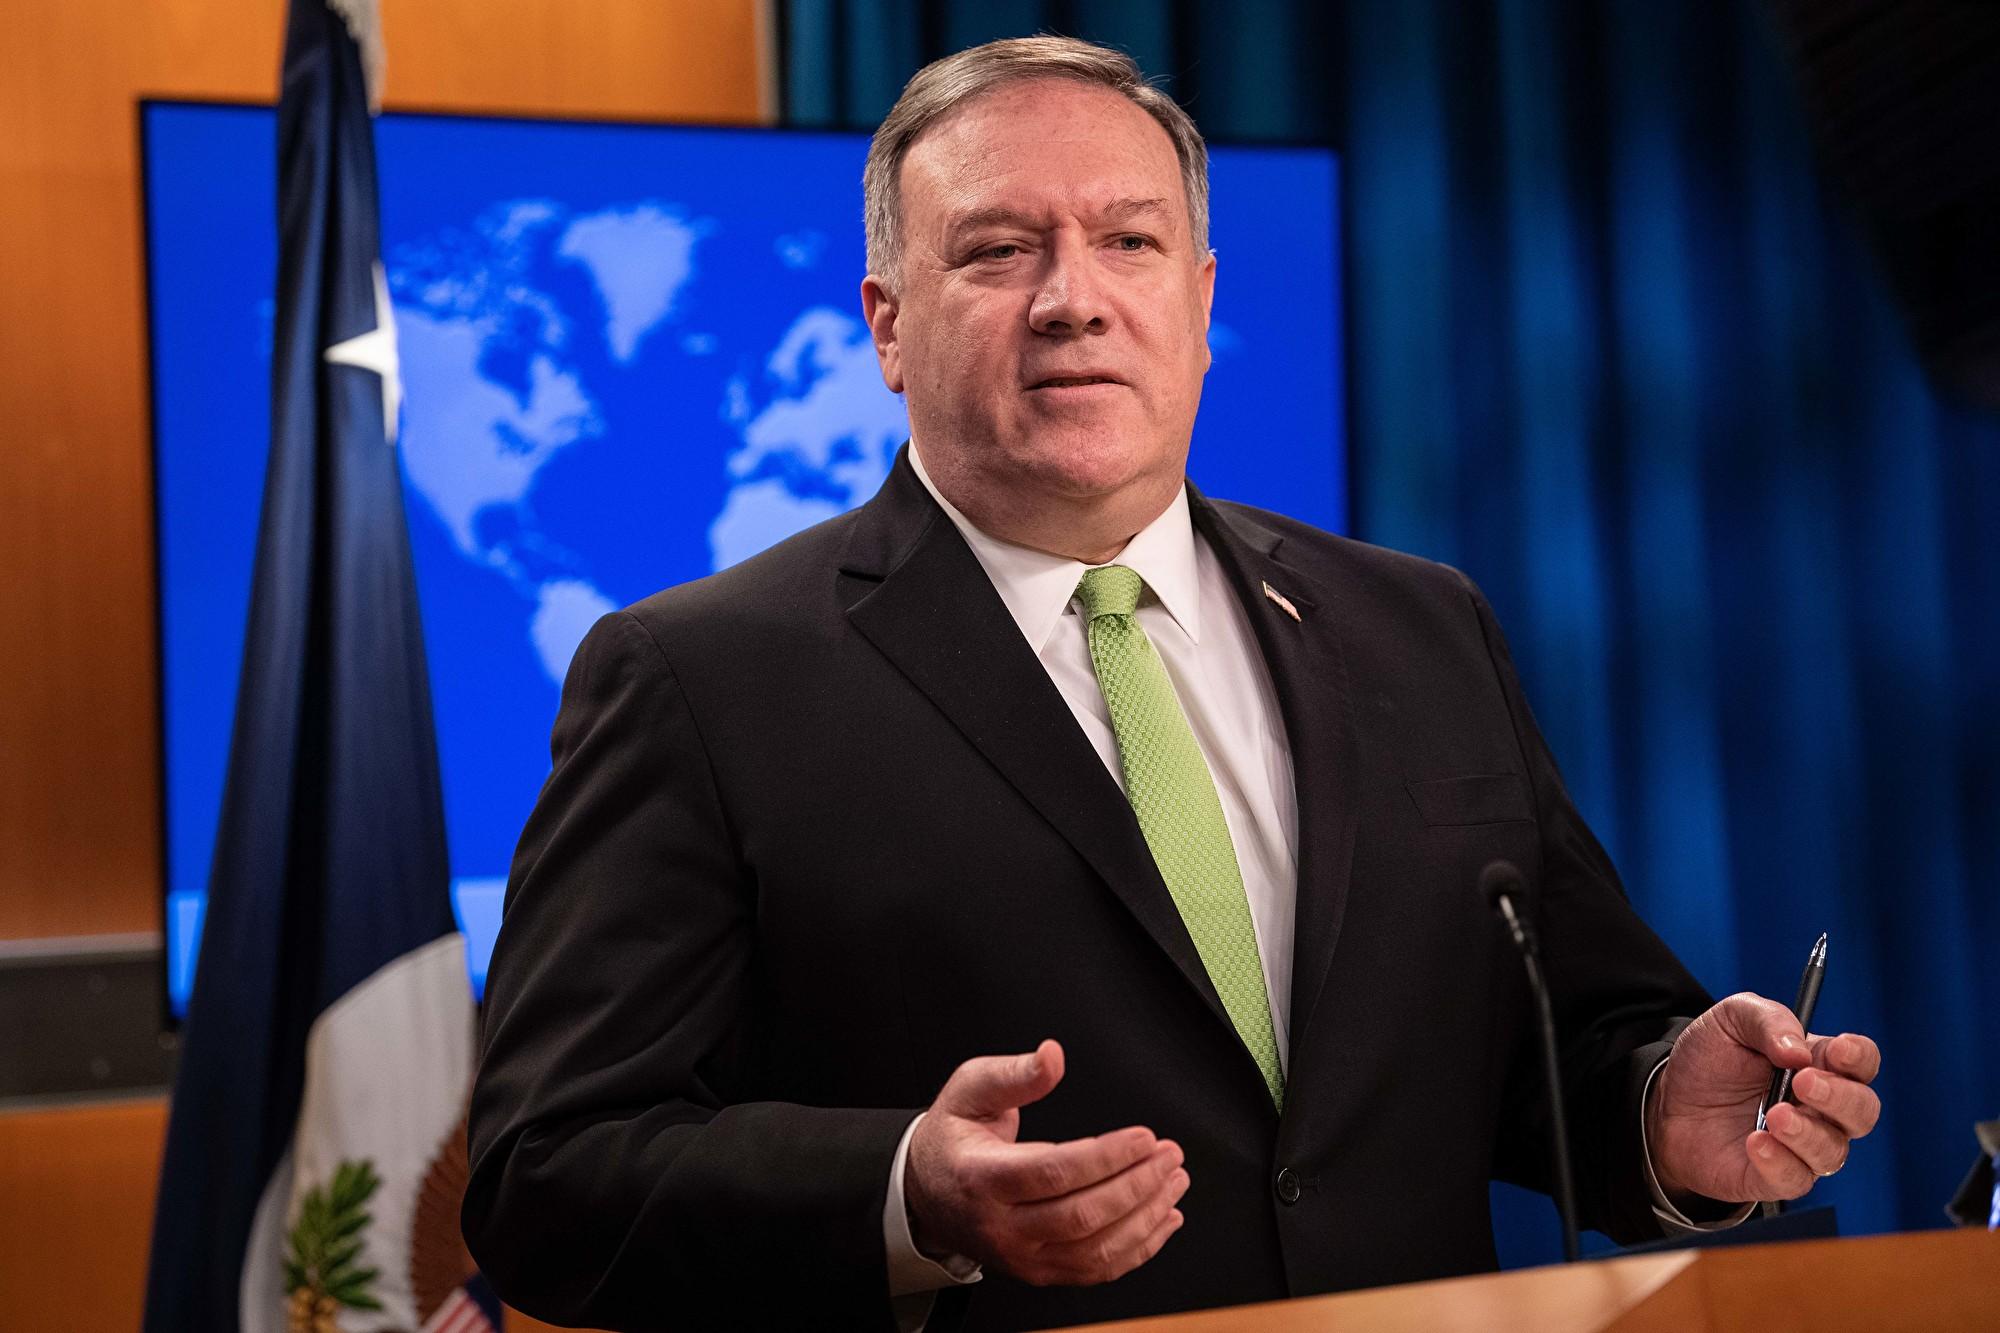 美國宣佈終止對伊朗民用核項目制裁豁免